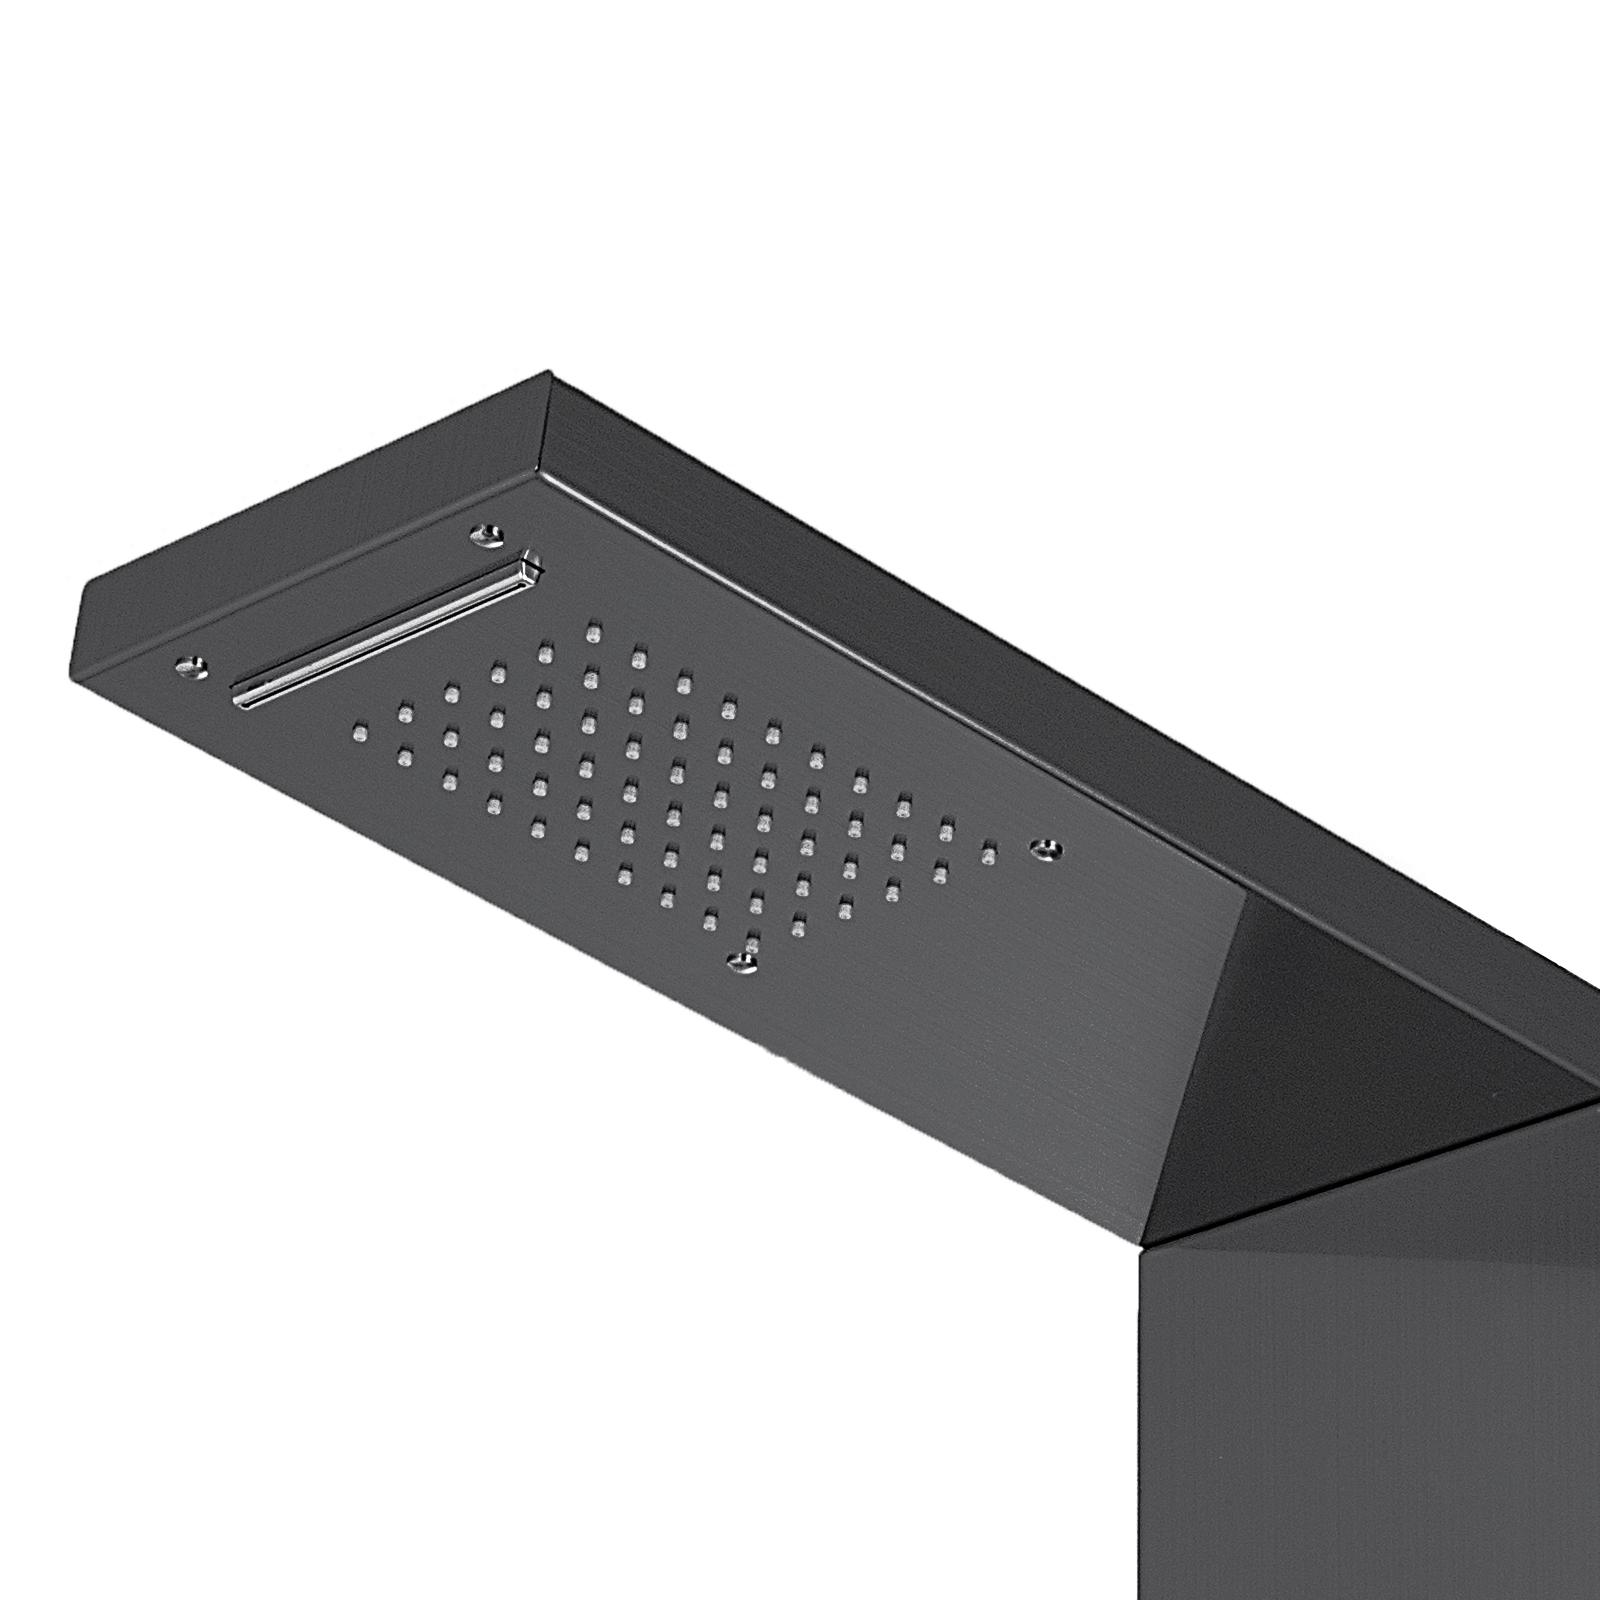 Pannello-doccia-idromassaggio-colonna-in-acciaio-inossidabile-con-miscelatore miniatura 104